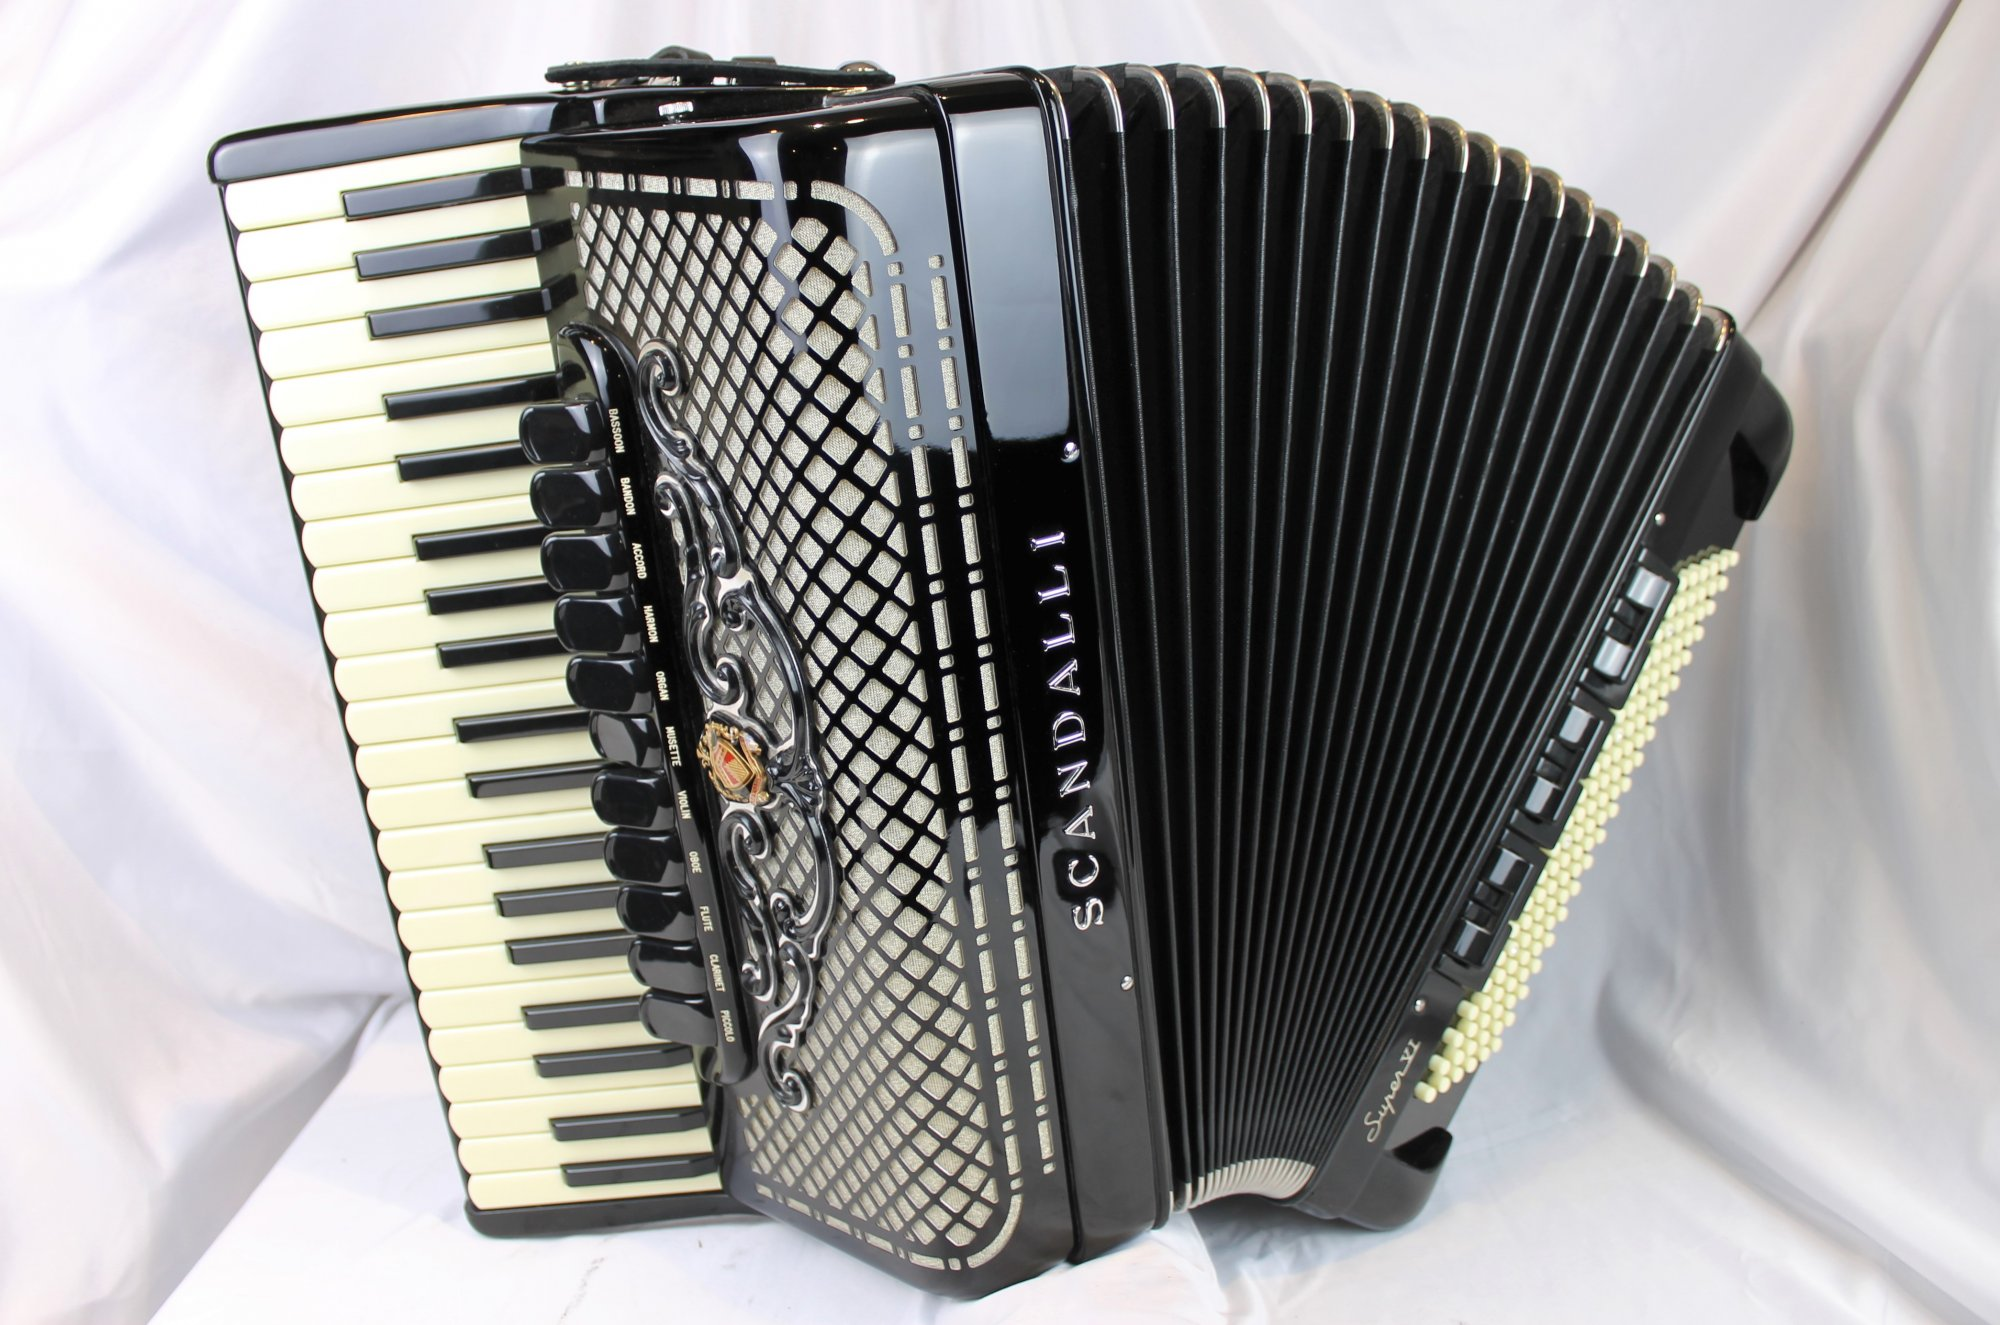 NEW Black Scandalli Super VI Piano Accordion LMMH 41 120